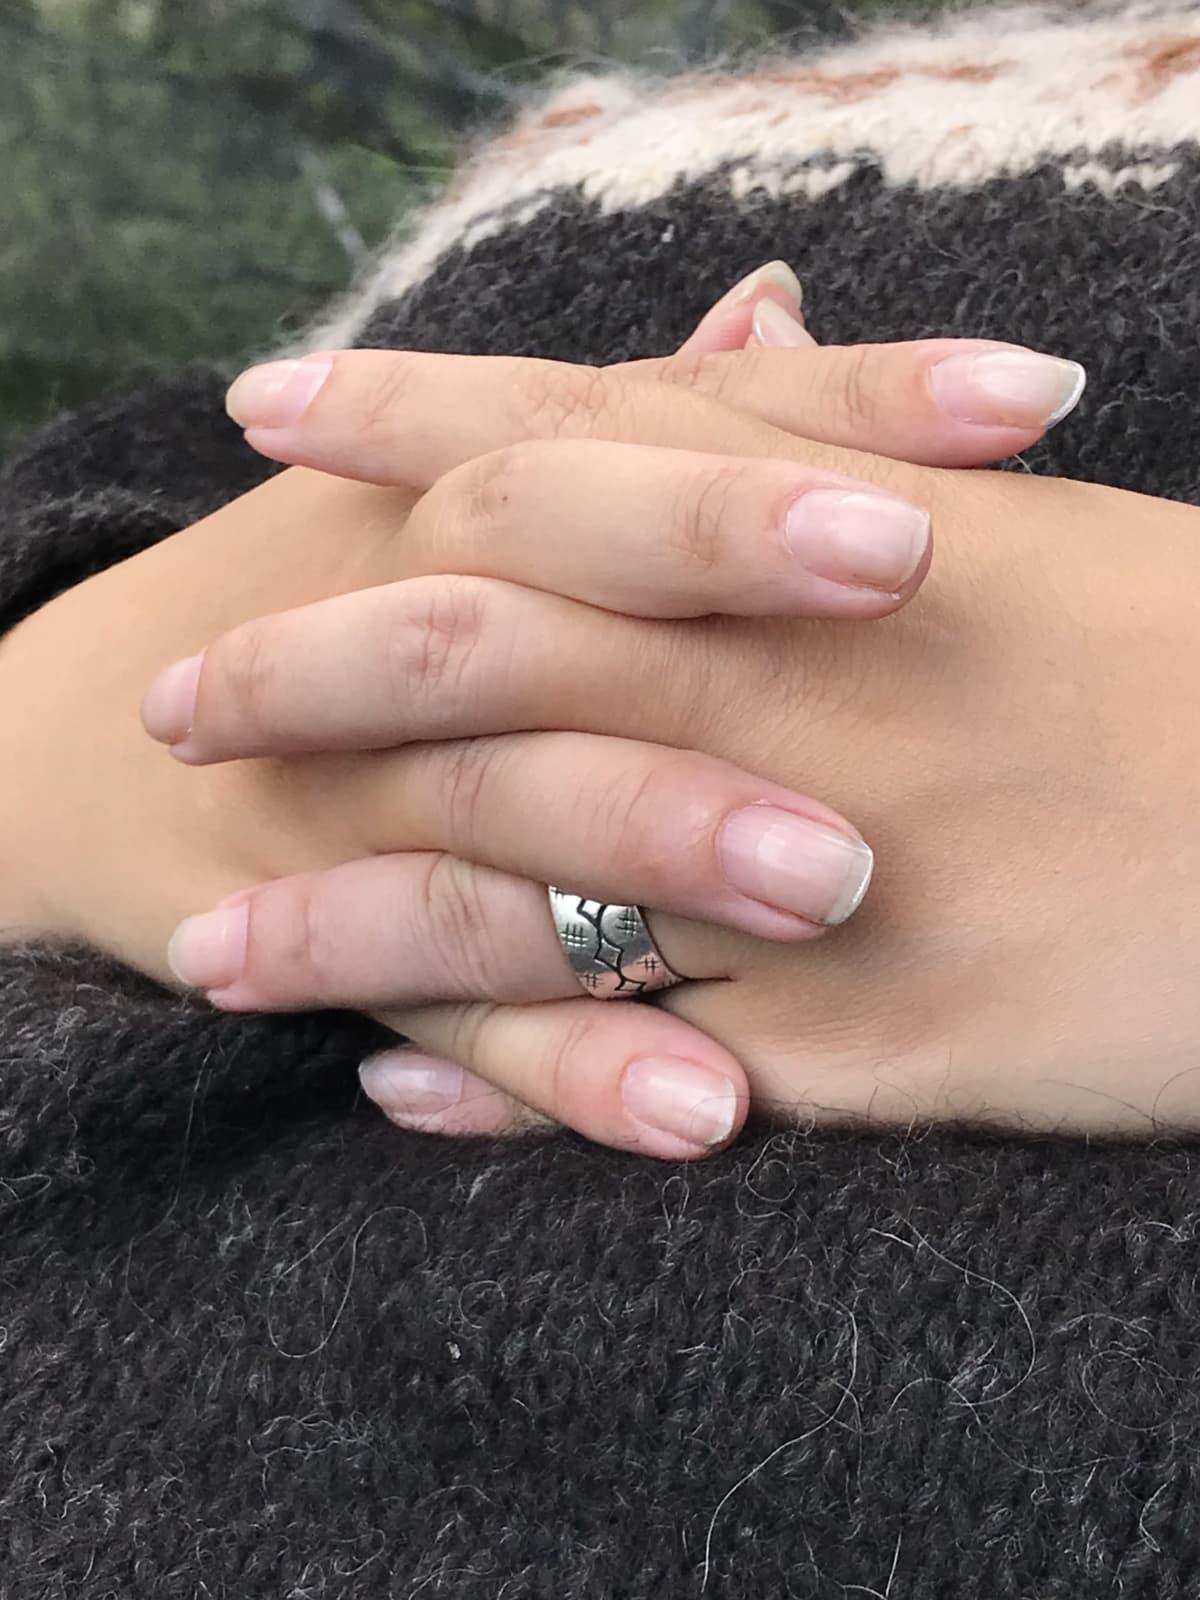 Naisen kädet ristissä vatsalla ruskean villapaidan päällä